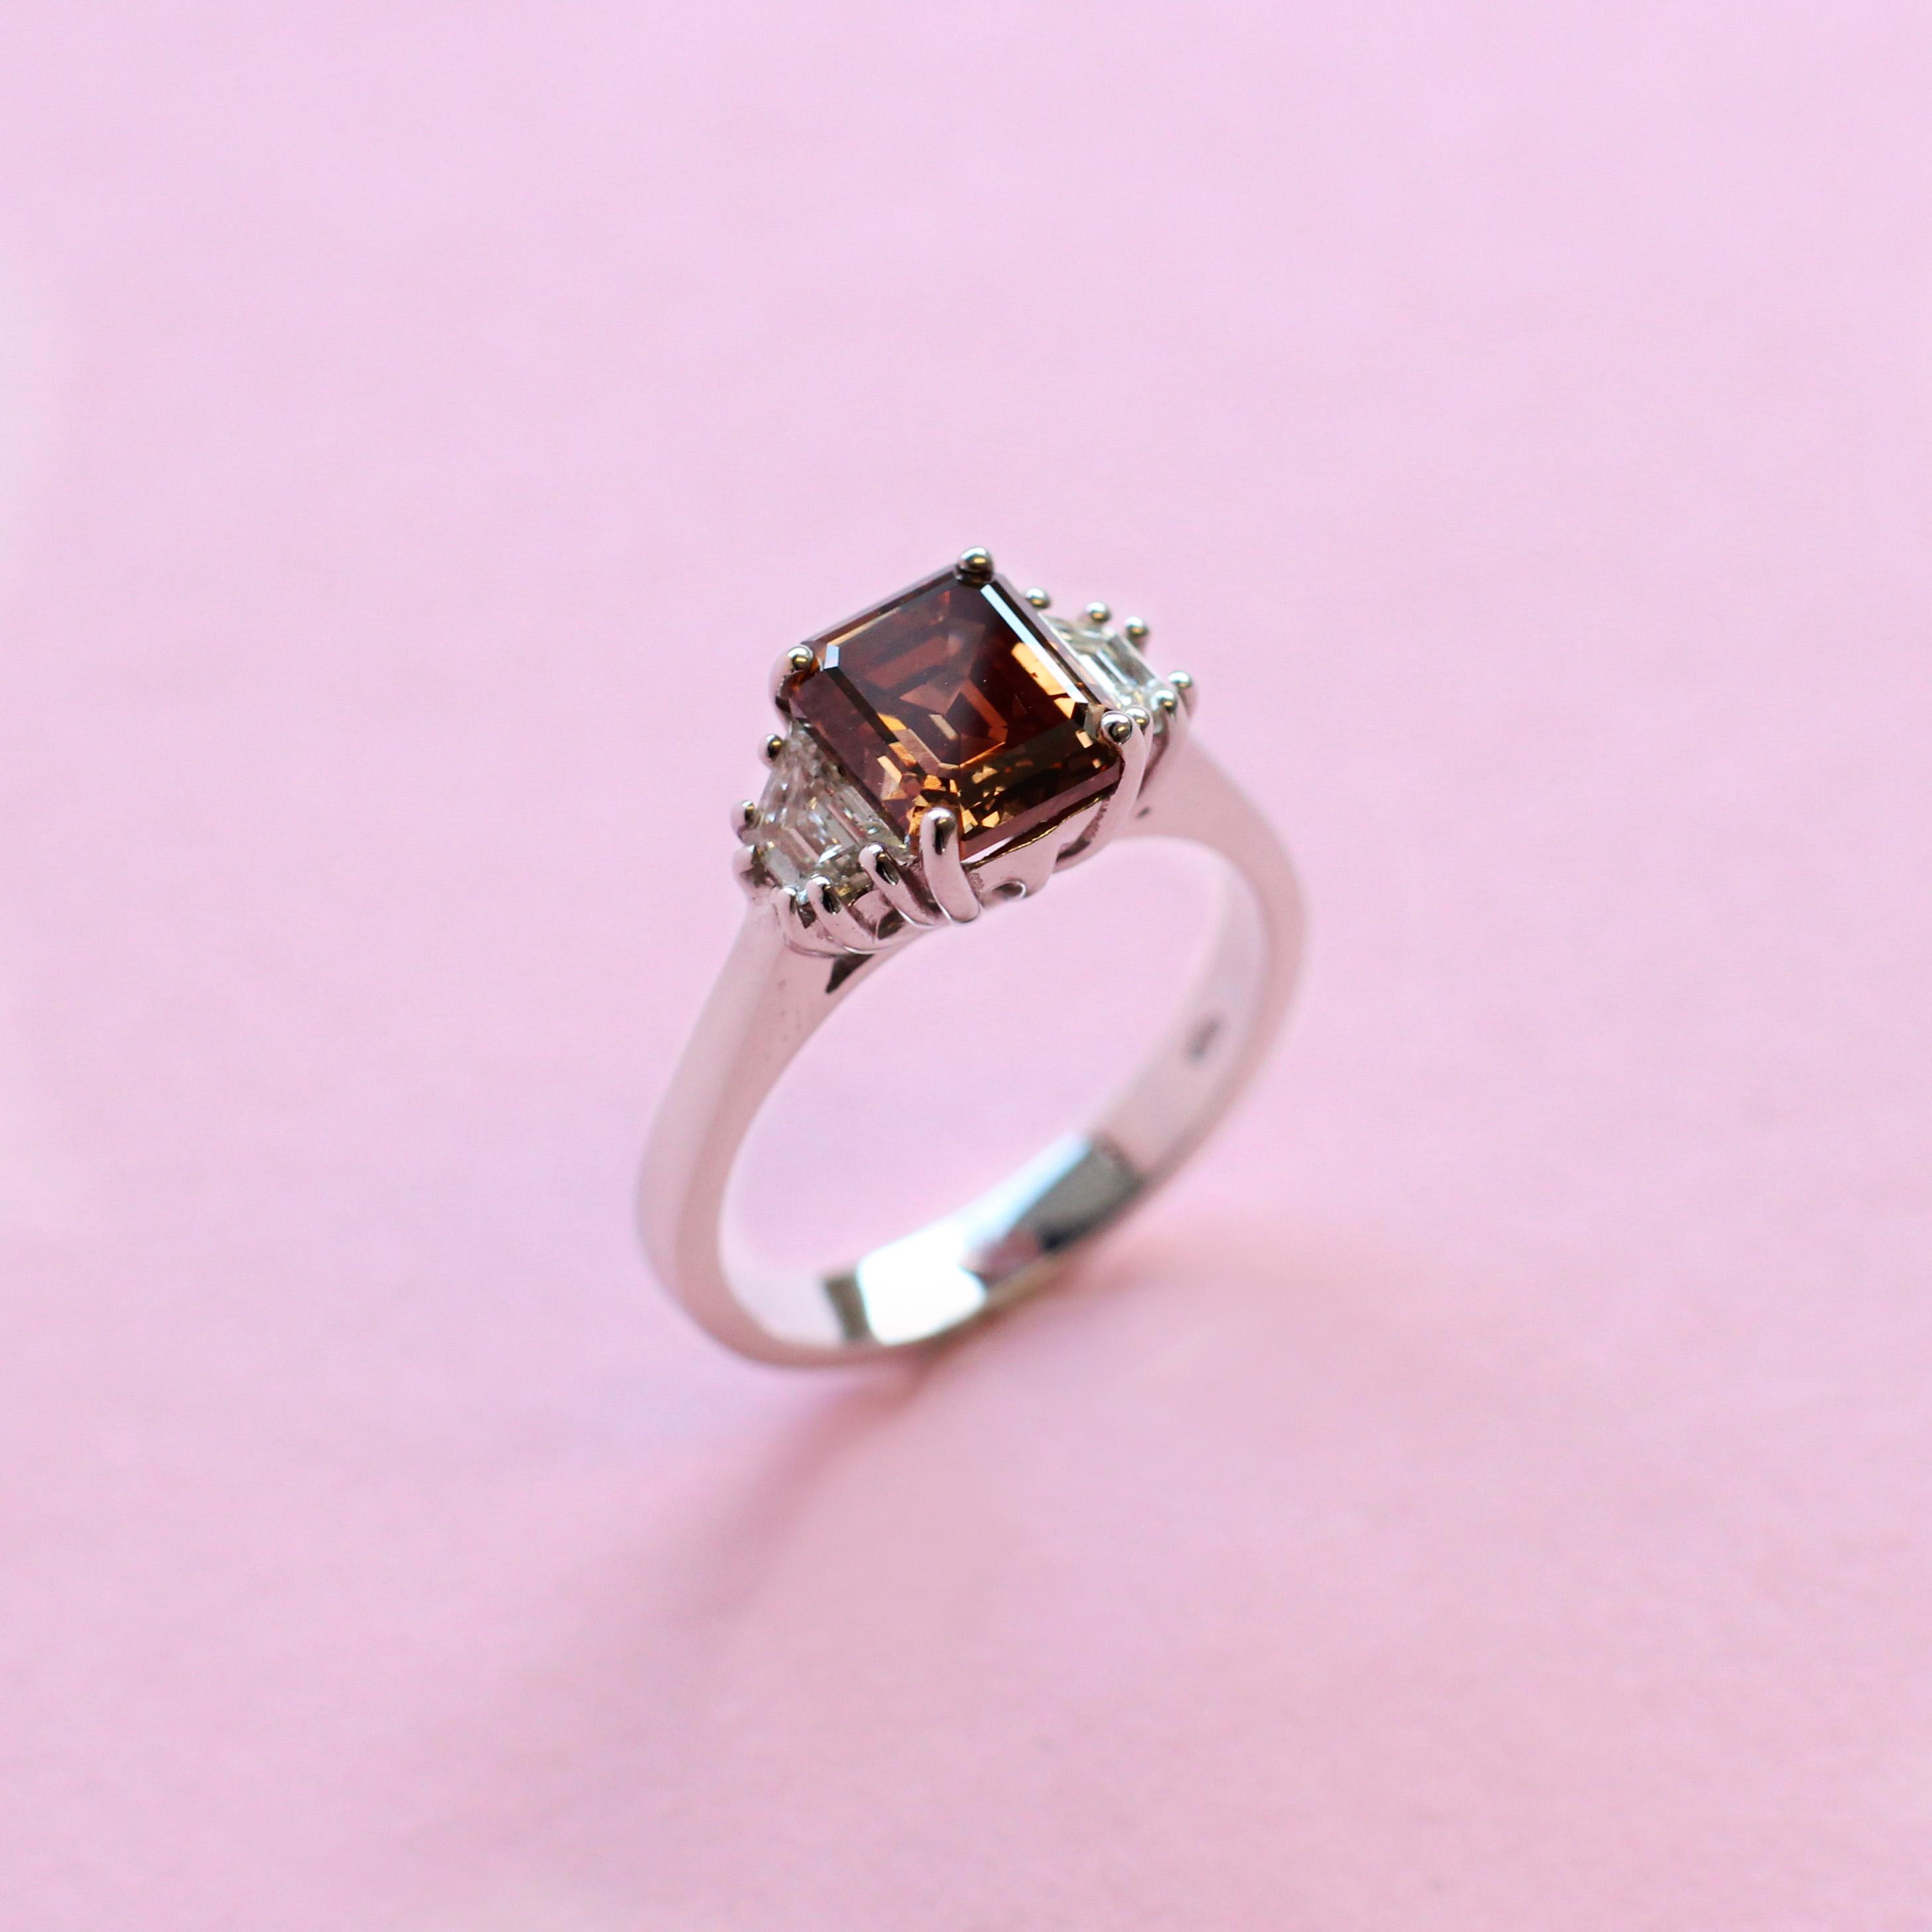 chocolate brown diamond ring with white diamond side stones